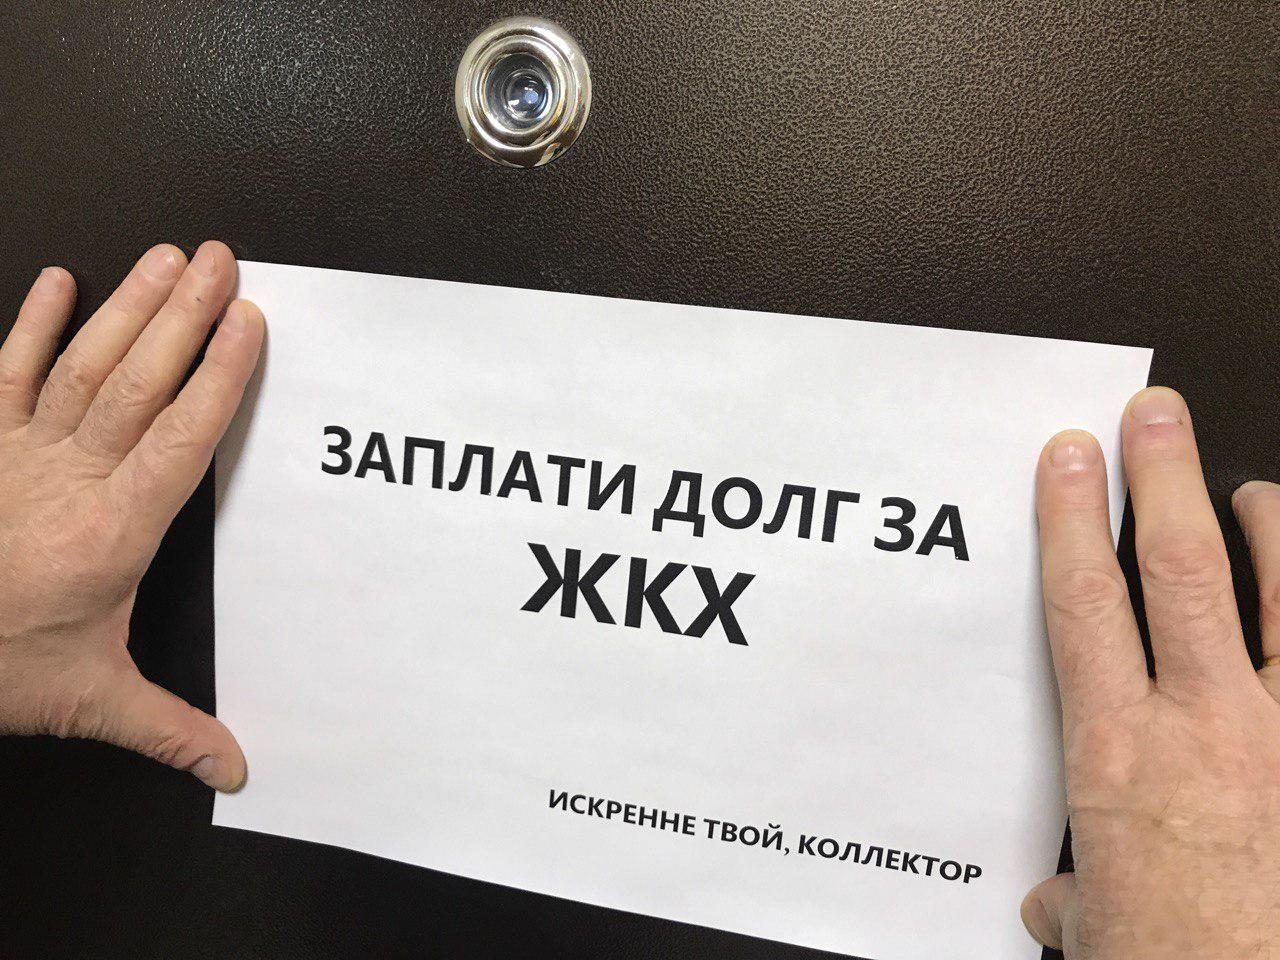 ЖКХ коллектор